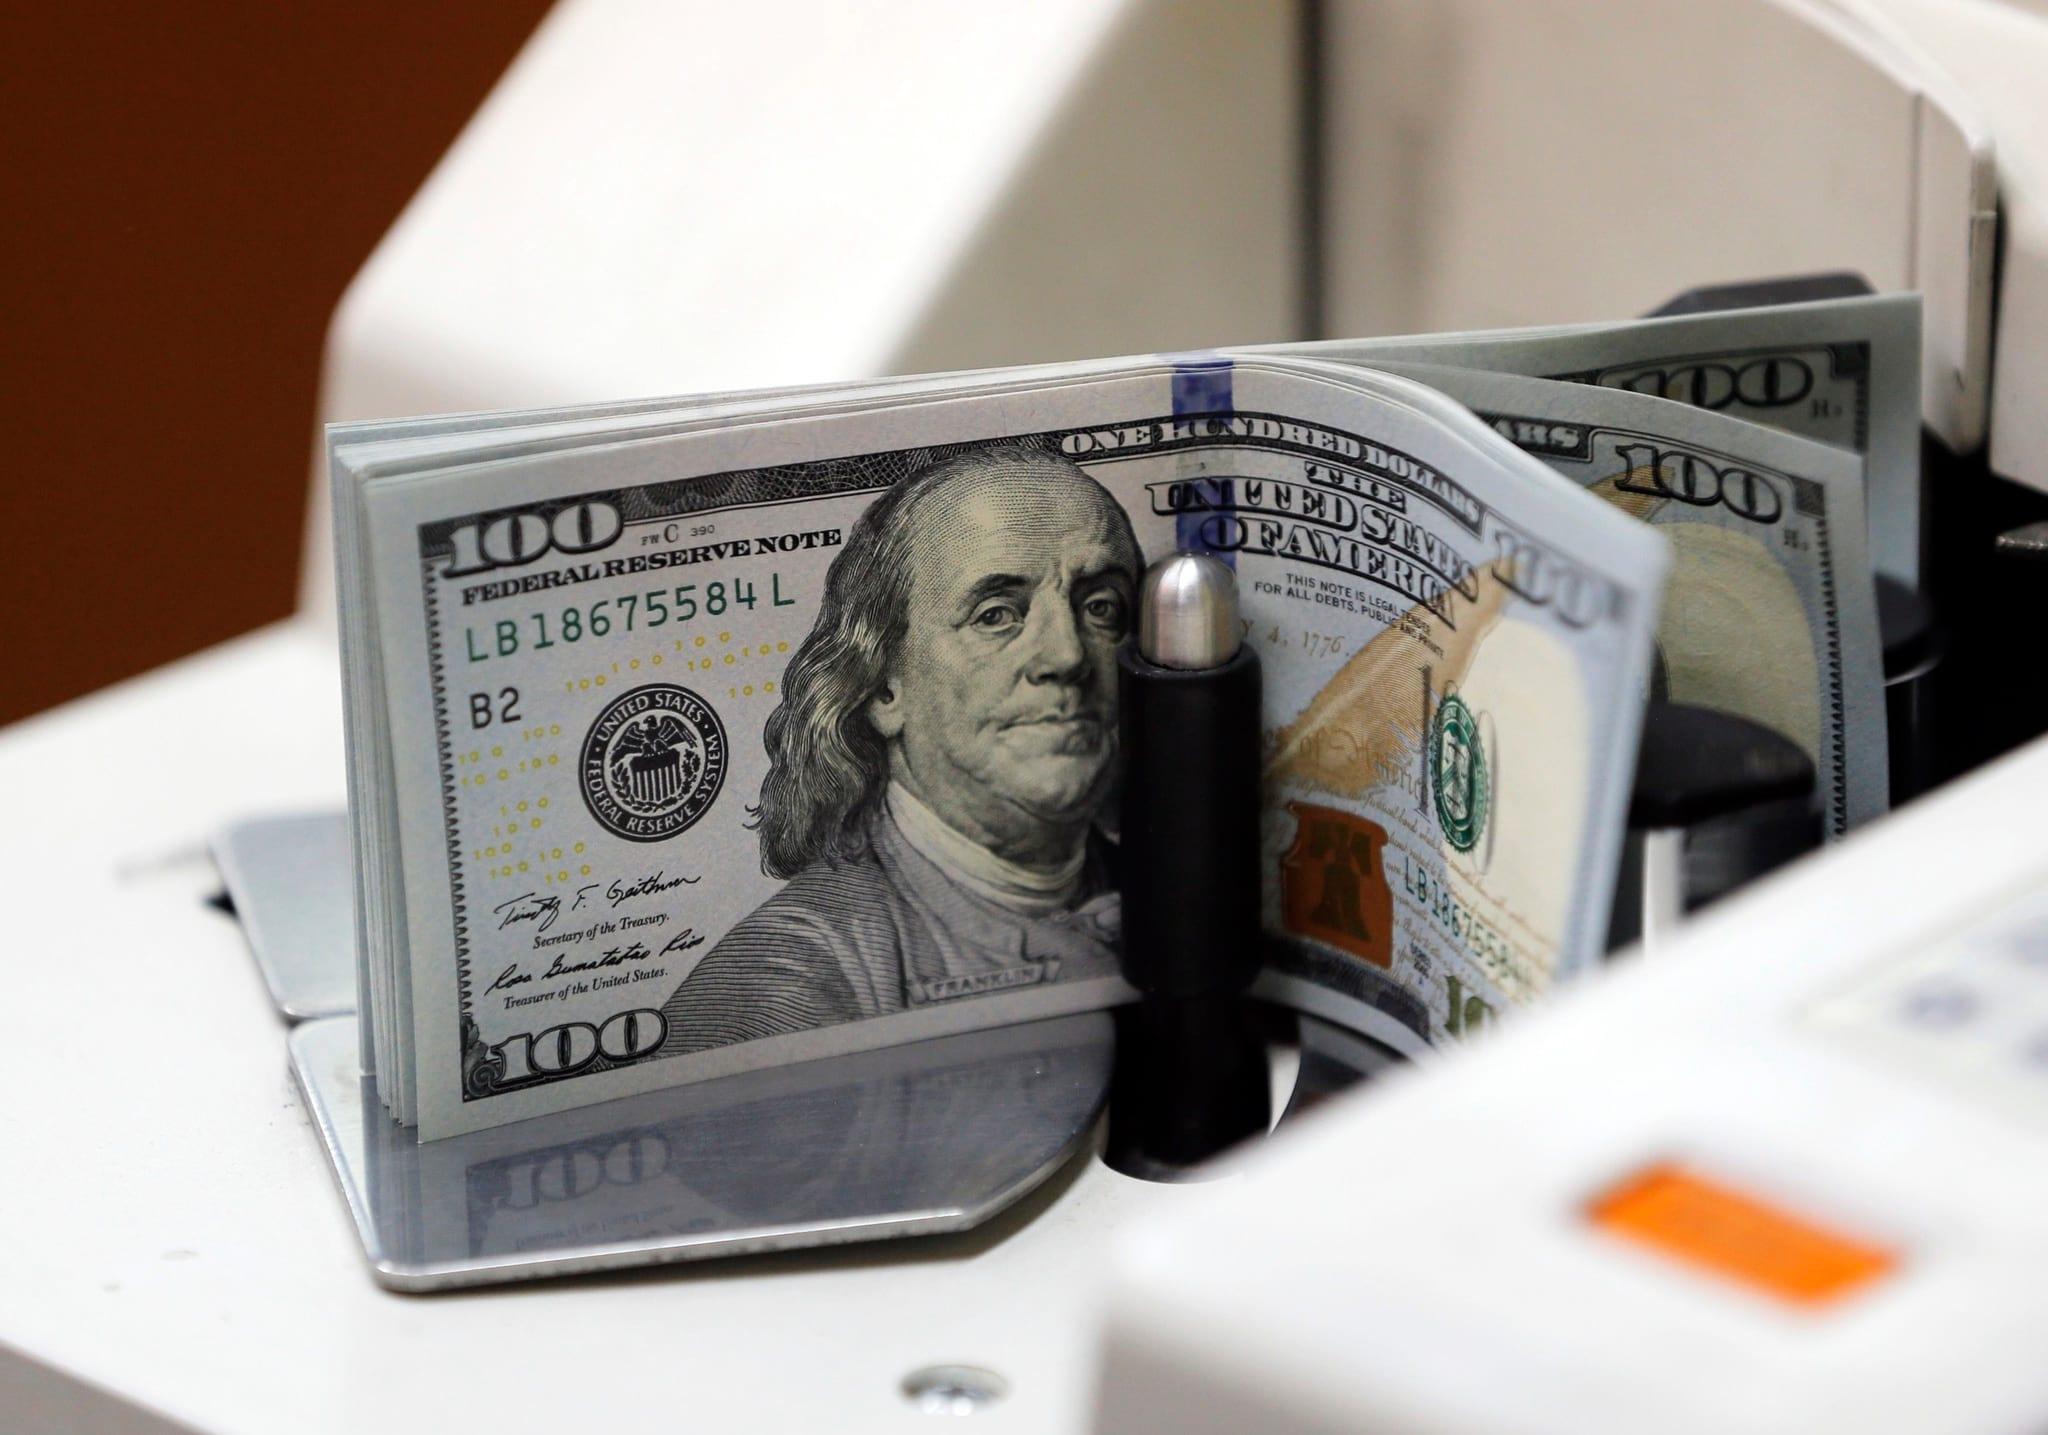 PÚBLICO - Já há normas para o fisco receber os dados bancários a enviar aos EUA